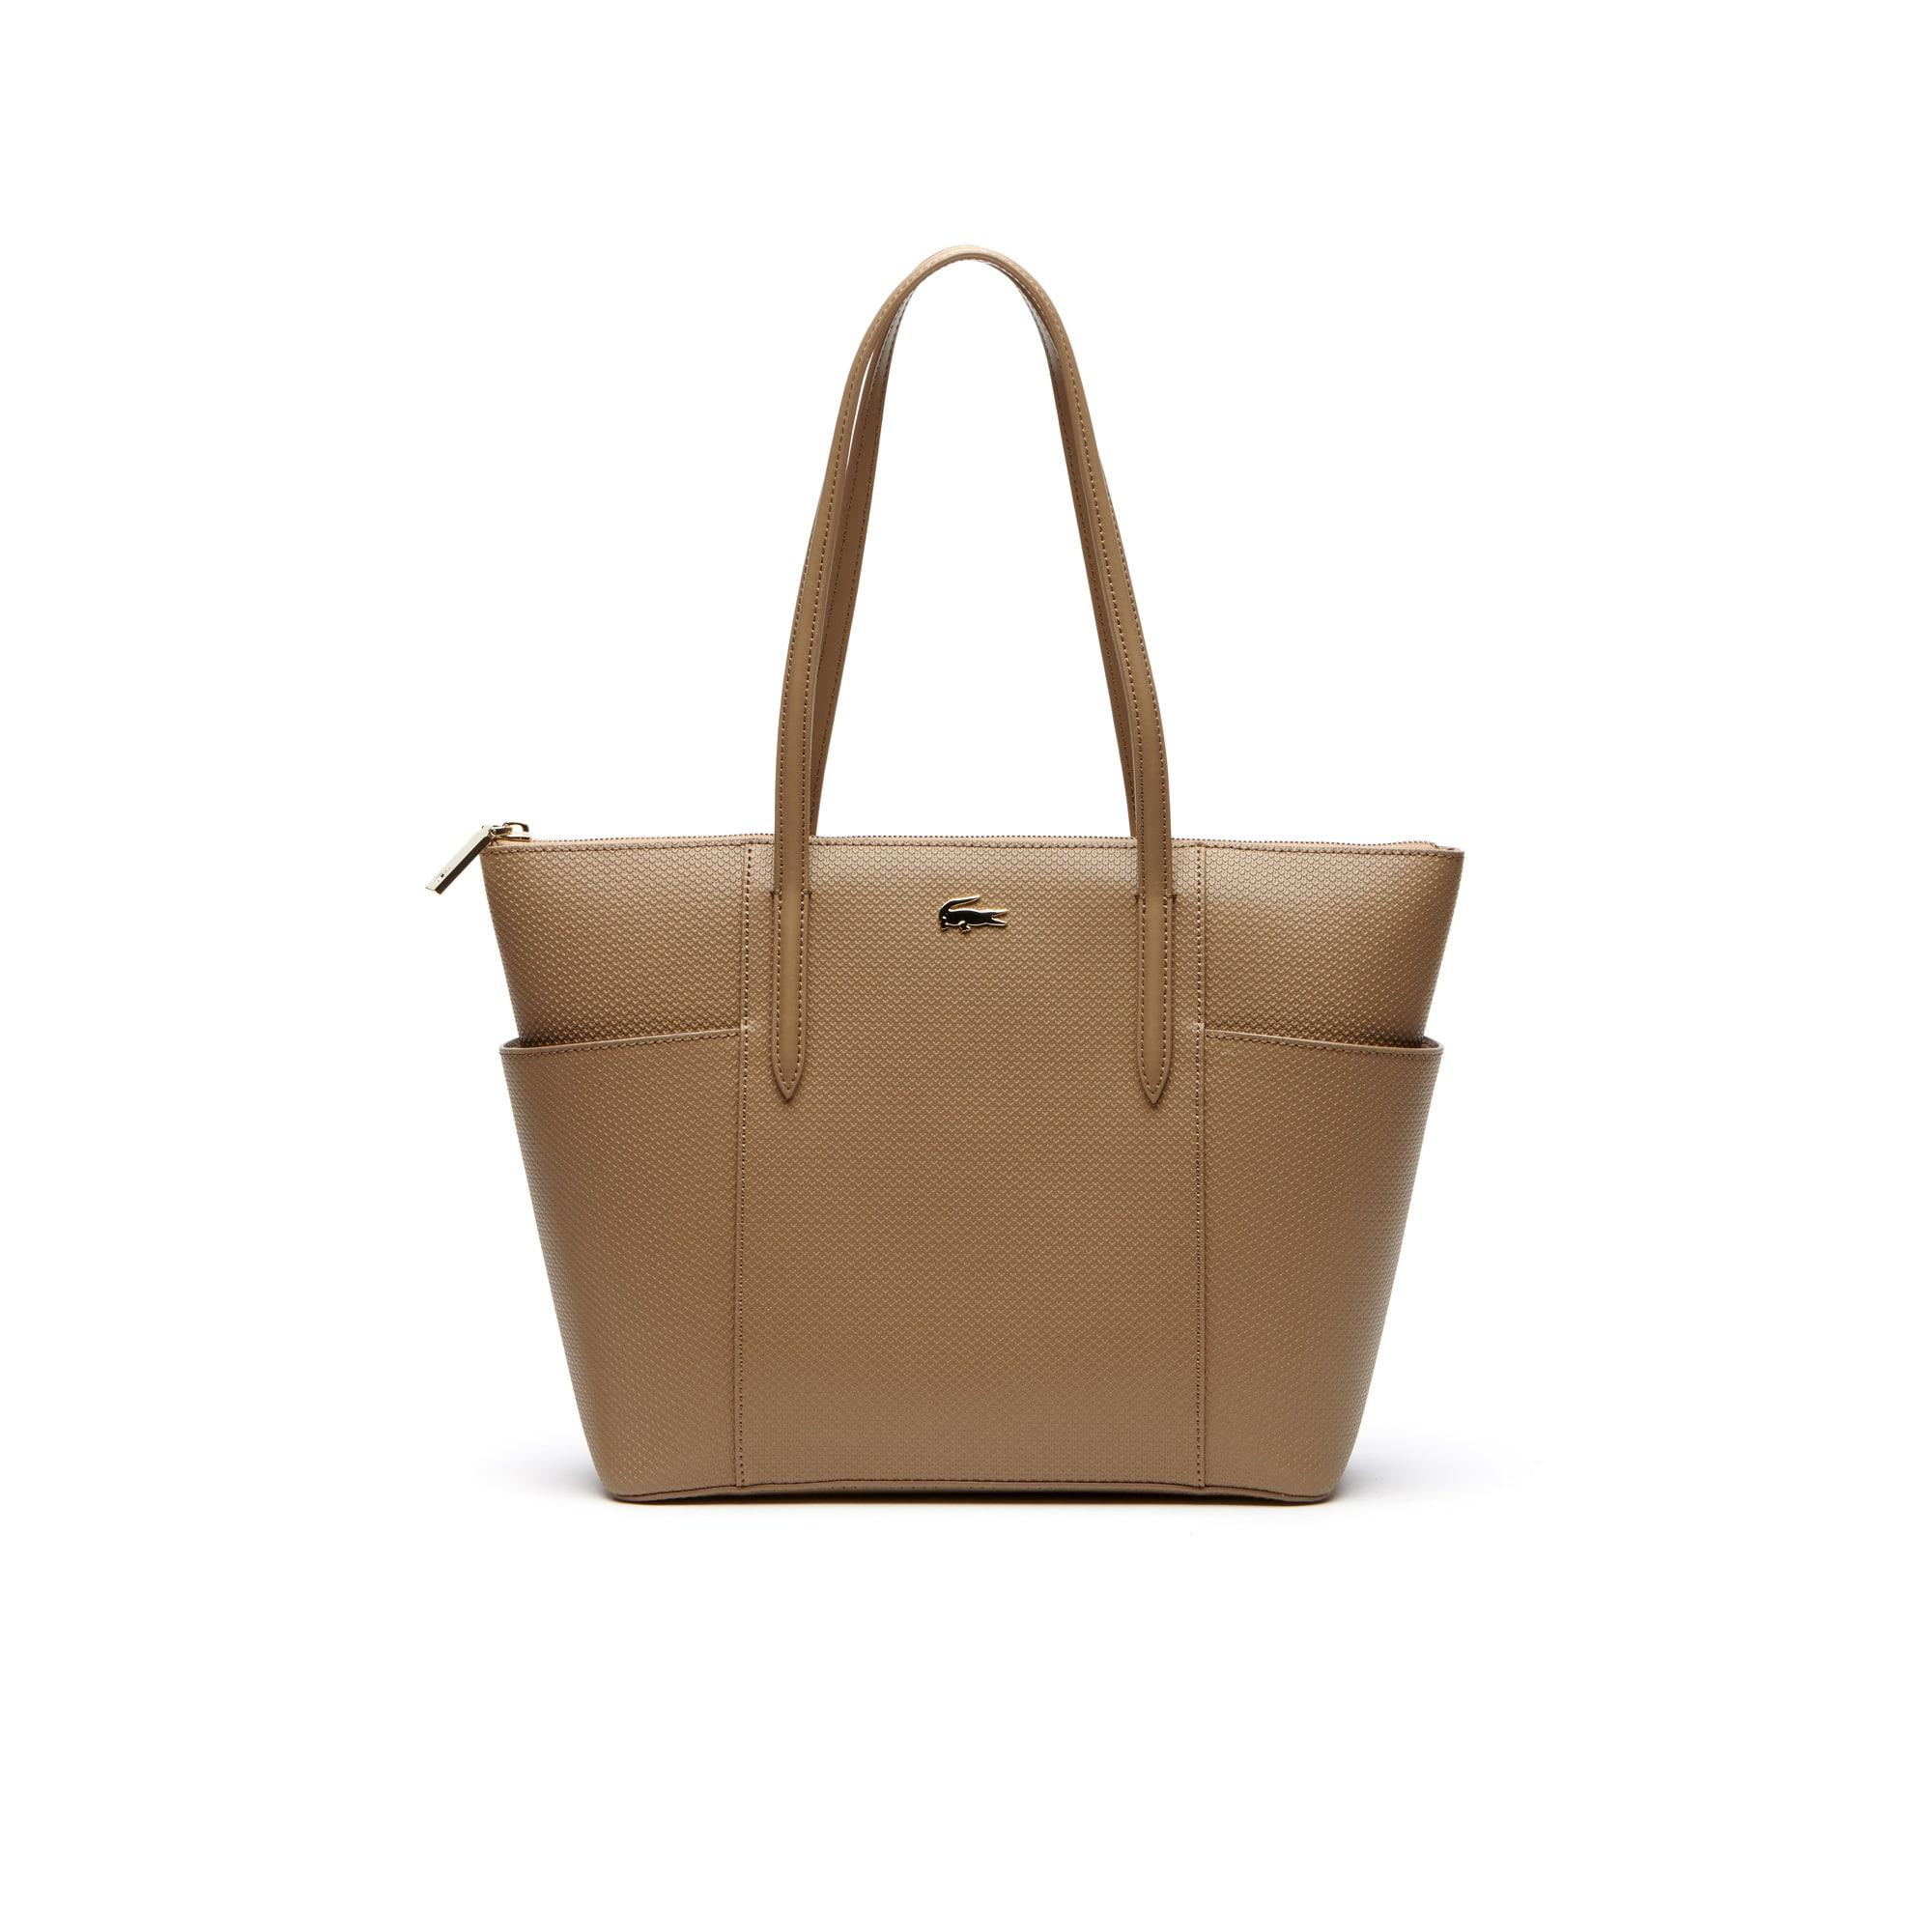 Damen Chantaco Piqué Tote Bag aus Leder mit Reißverschlusstaschen